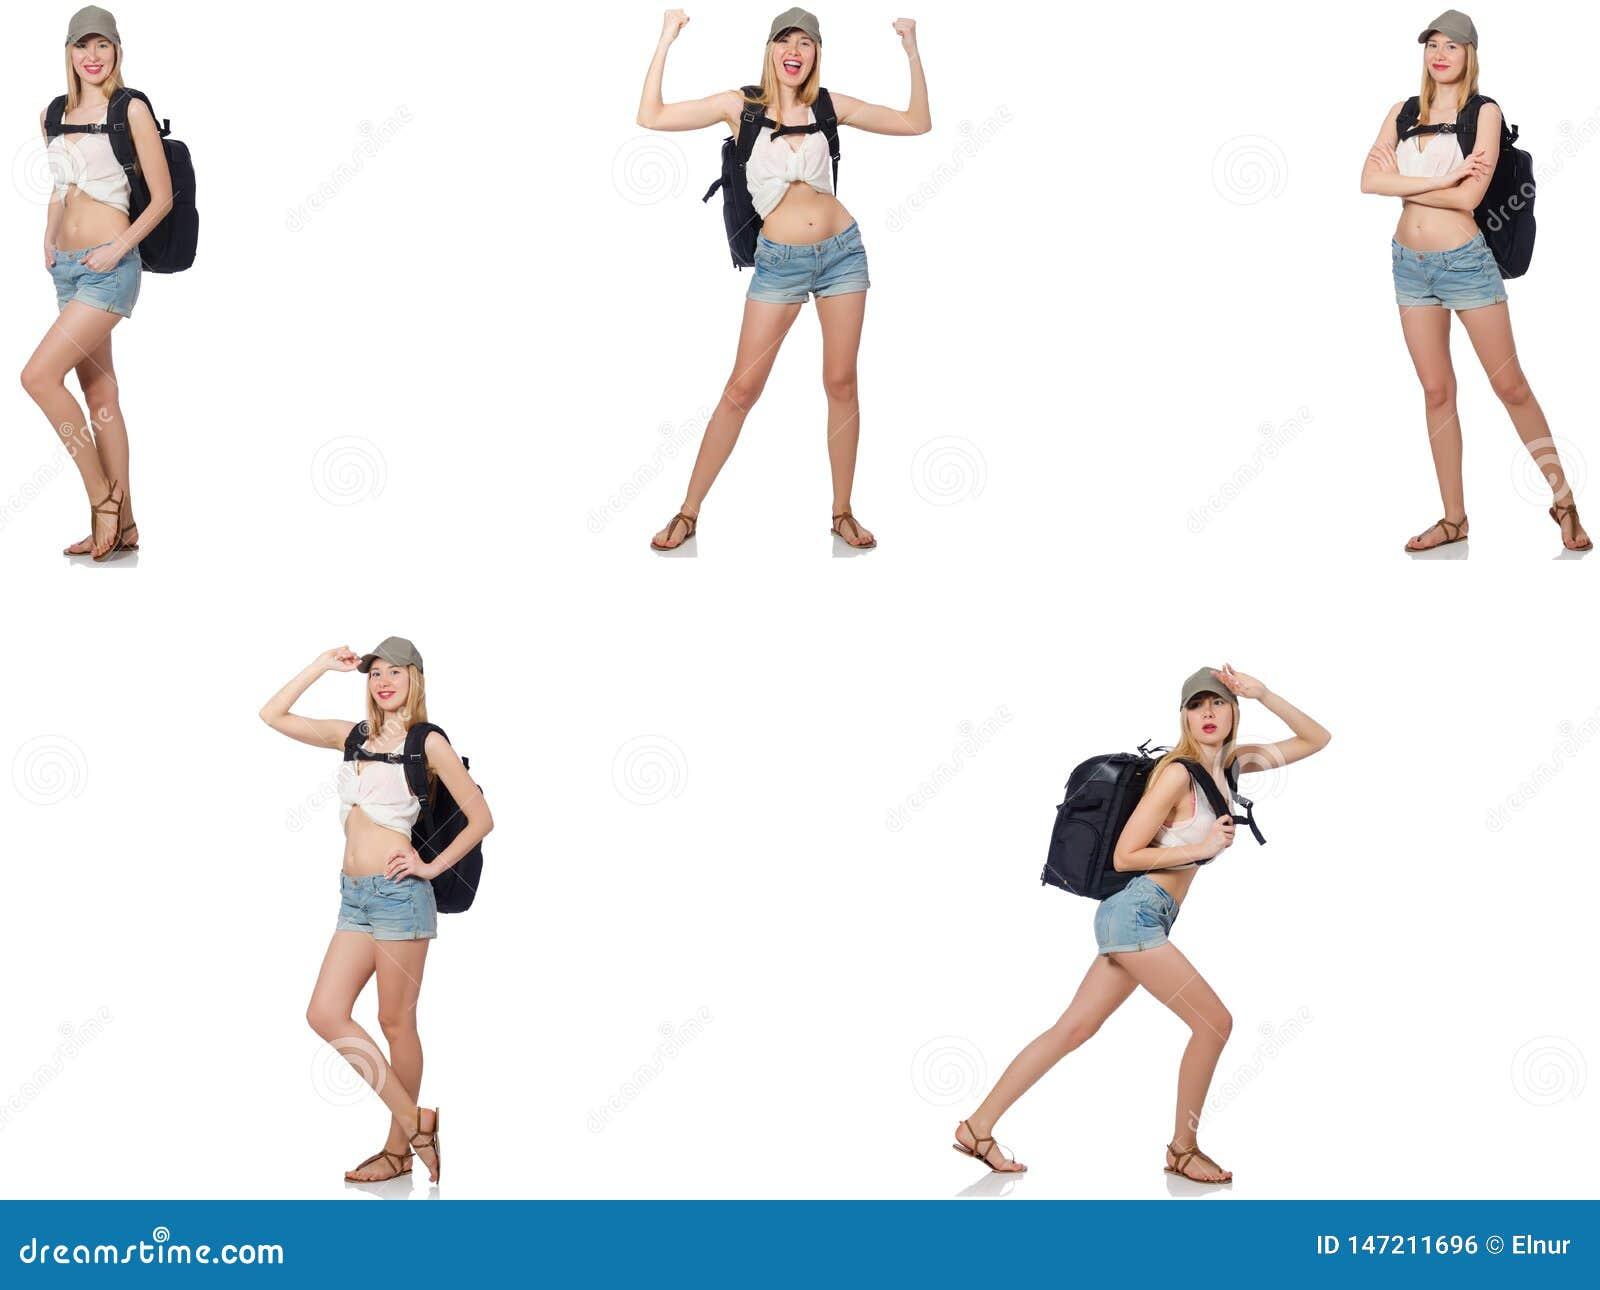 Η όμορφη γυναίκα στα σορτς με το σακίδιο πλάτης